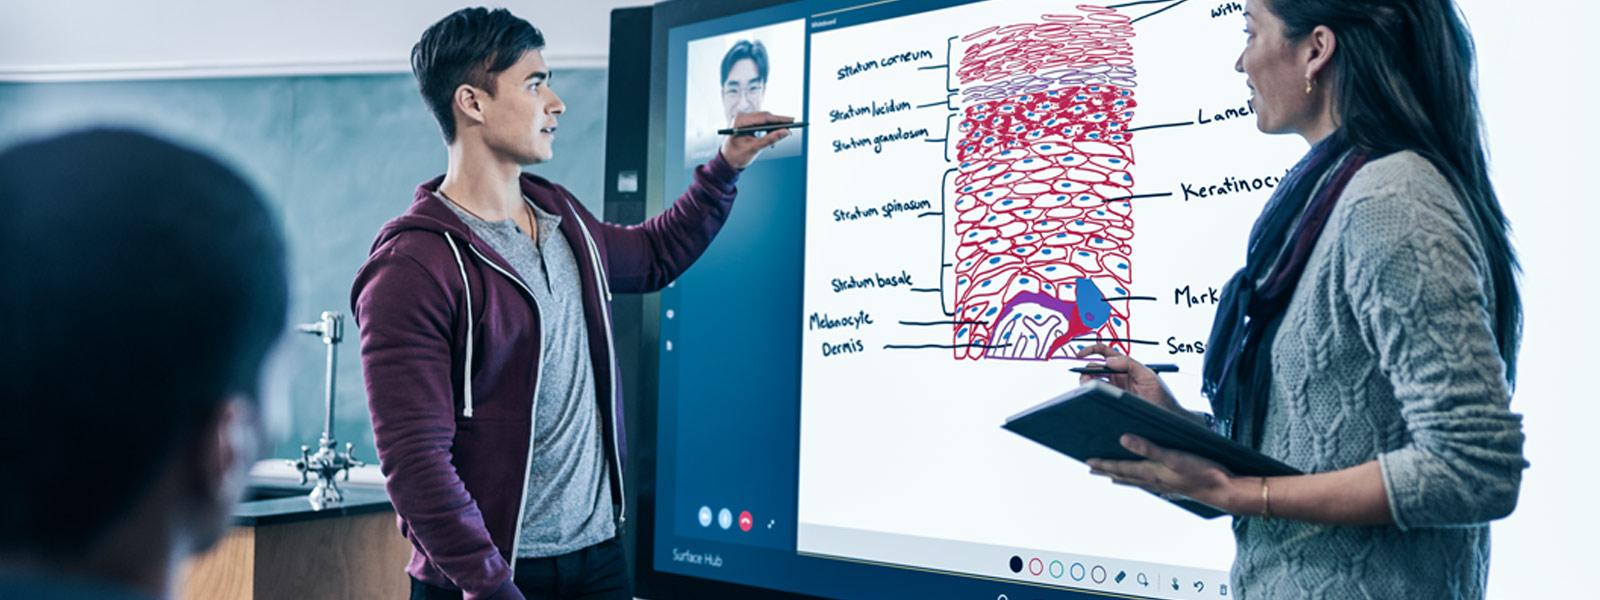 : Dois estudantes a utilizarem uma Caneta para Surface no ecrã de um Surface Hub, com o Skype e o Microsoft Whiteboard, numa sala de aulas.